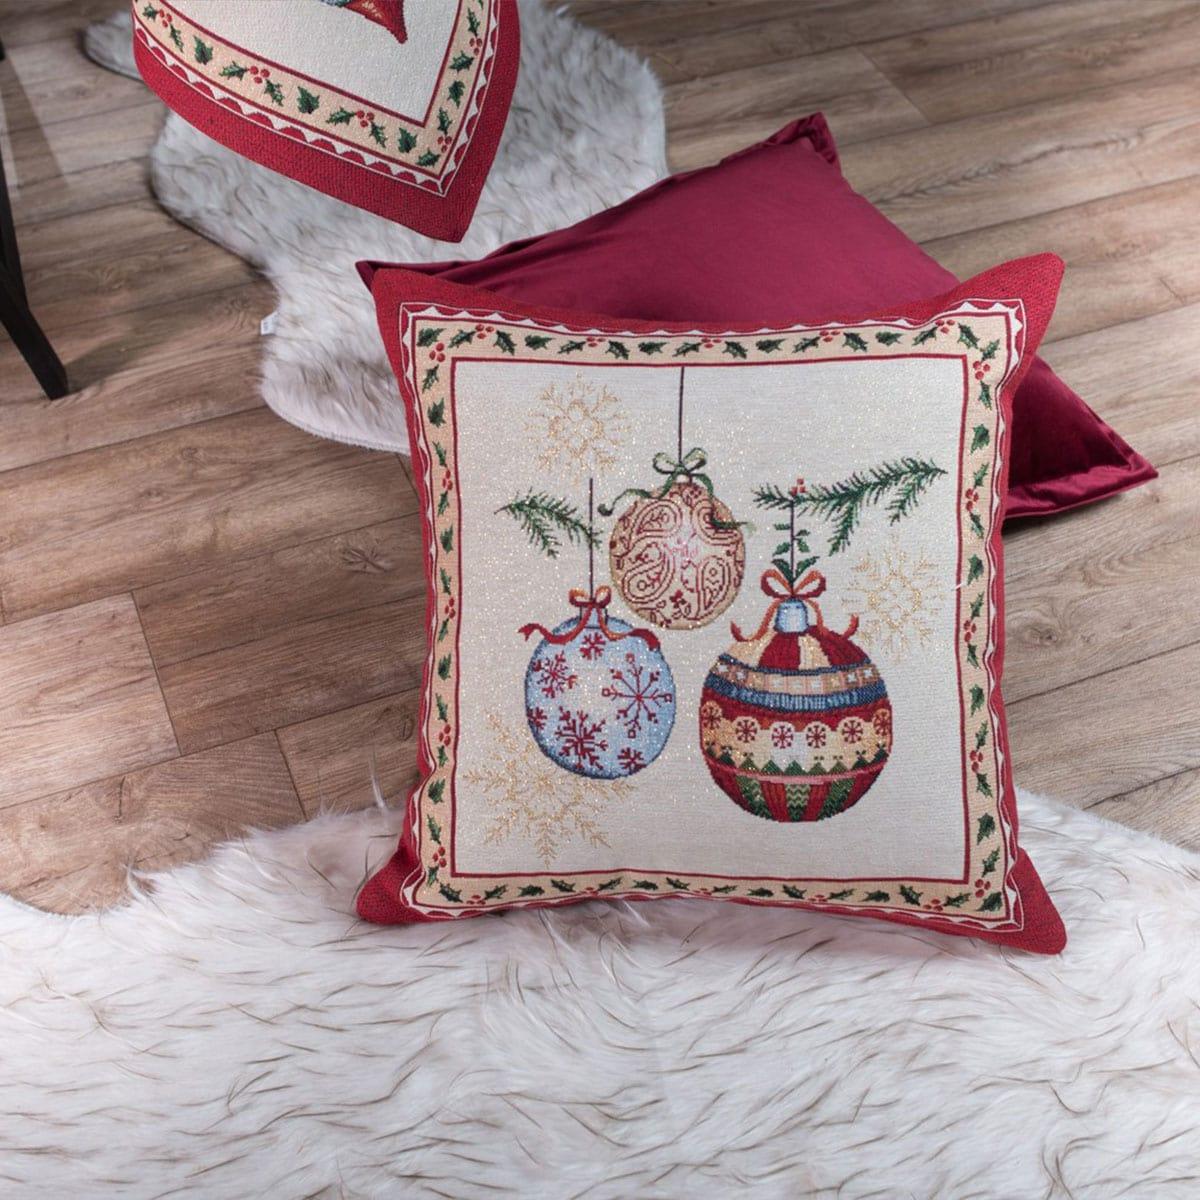 Μαξιλάρι Διακοσμητικό (Με Γέμιση) Χριστουγεννιάτικο Noel Multi Teoran 45X45 45x45cm